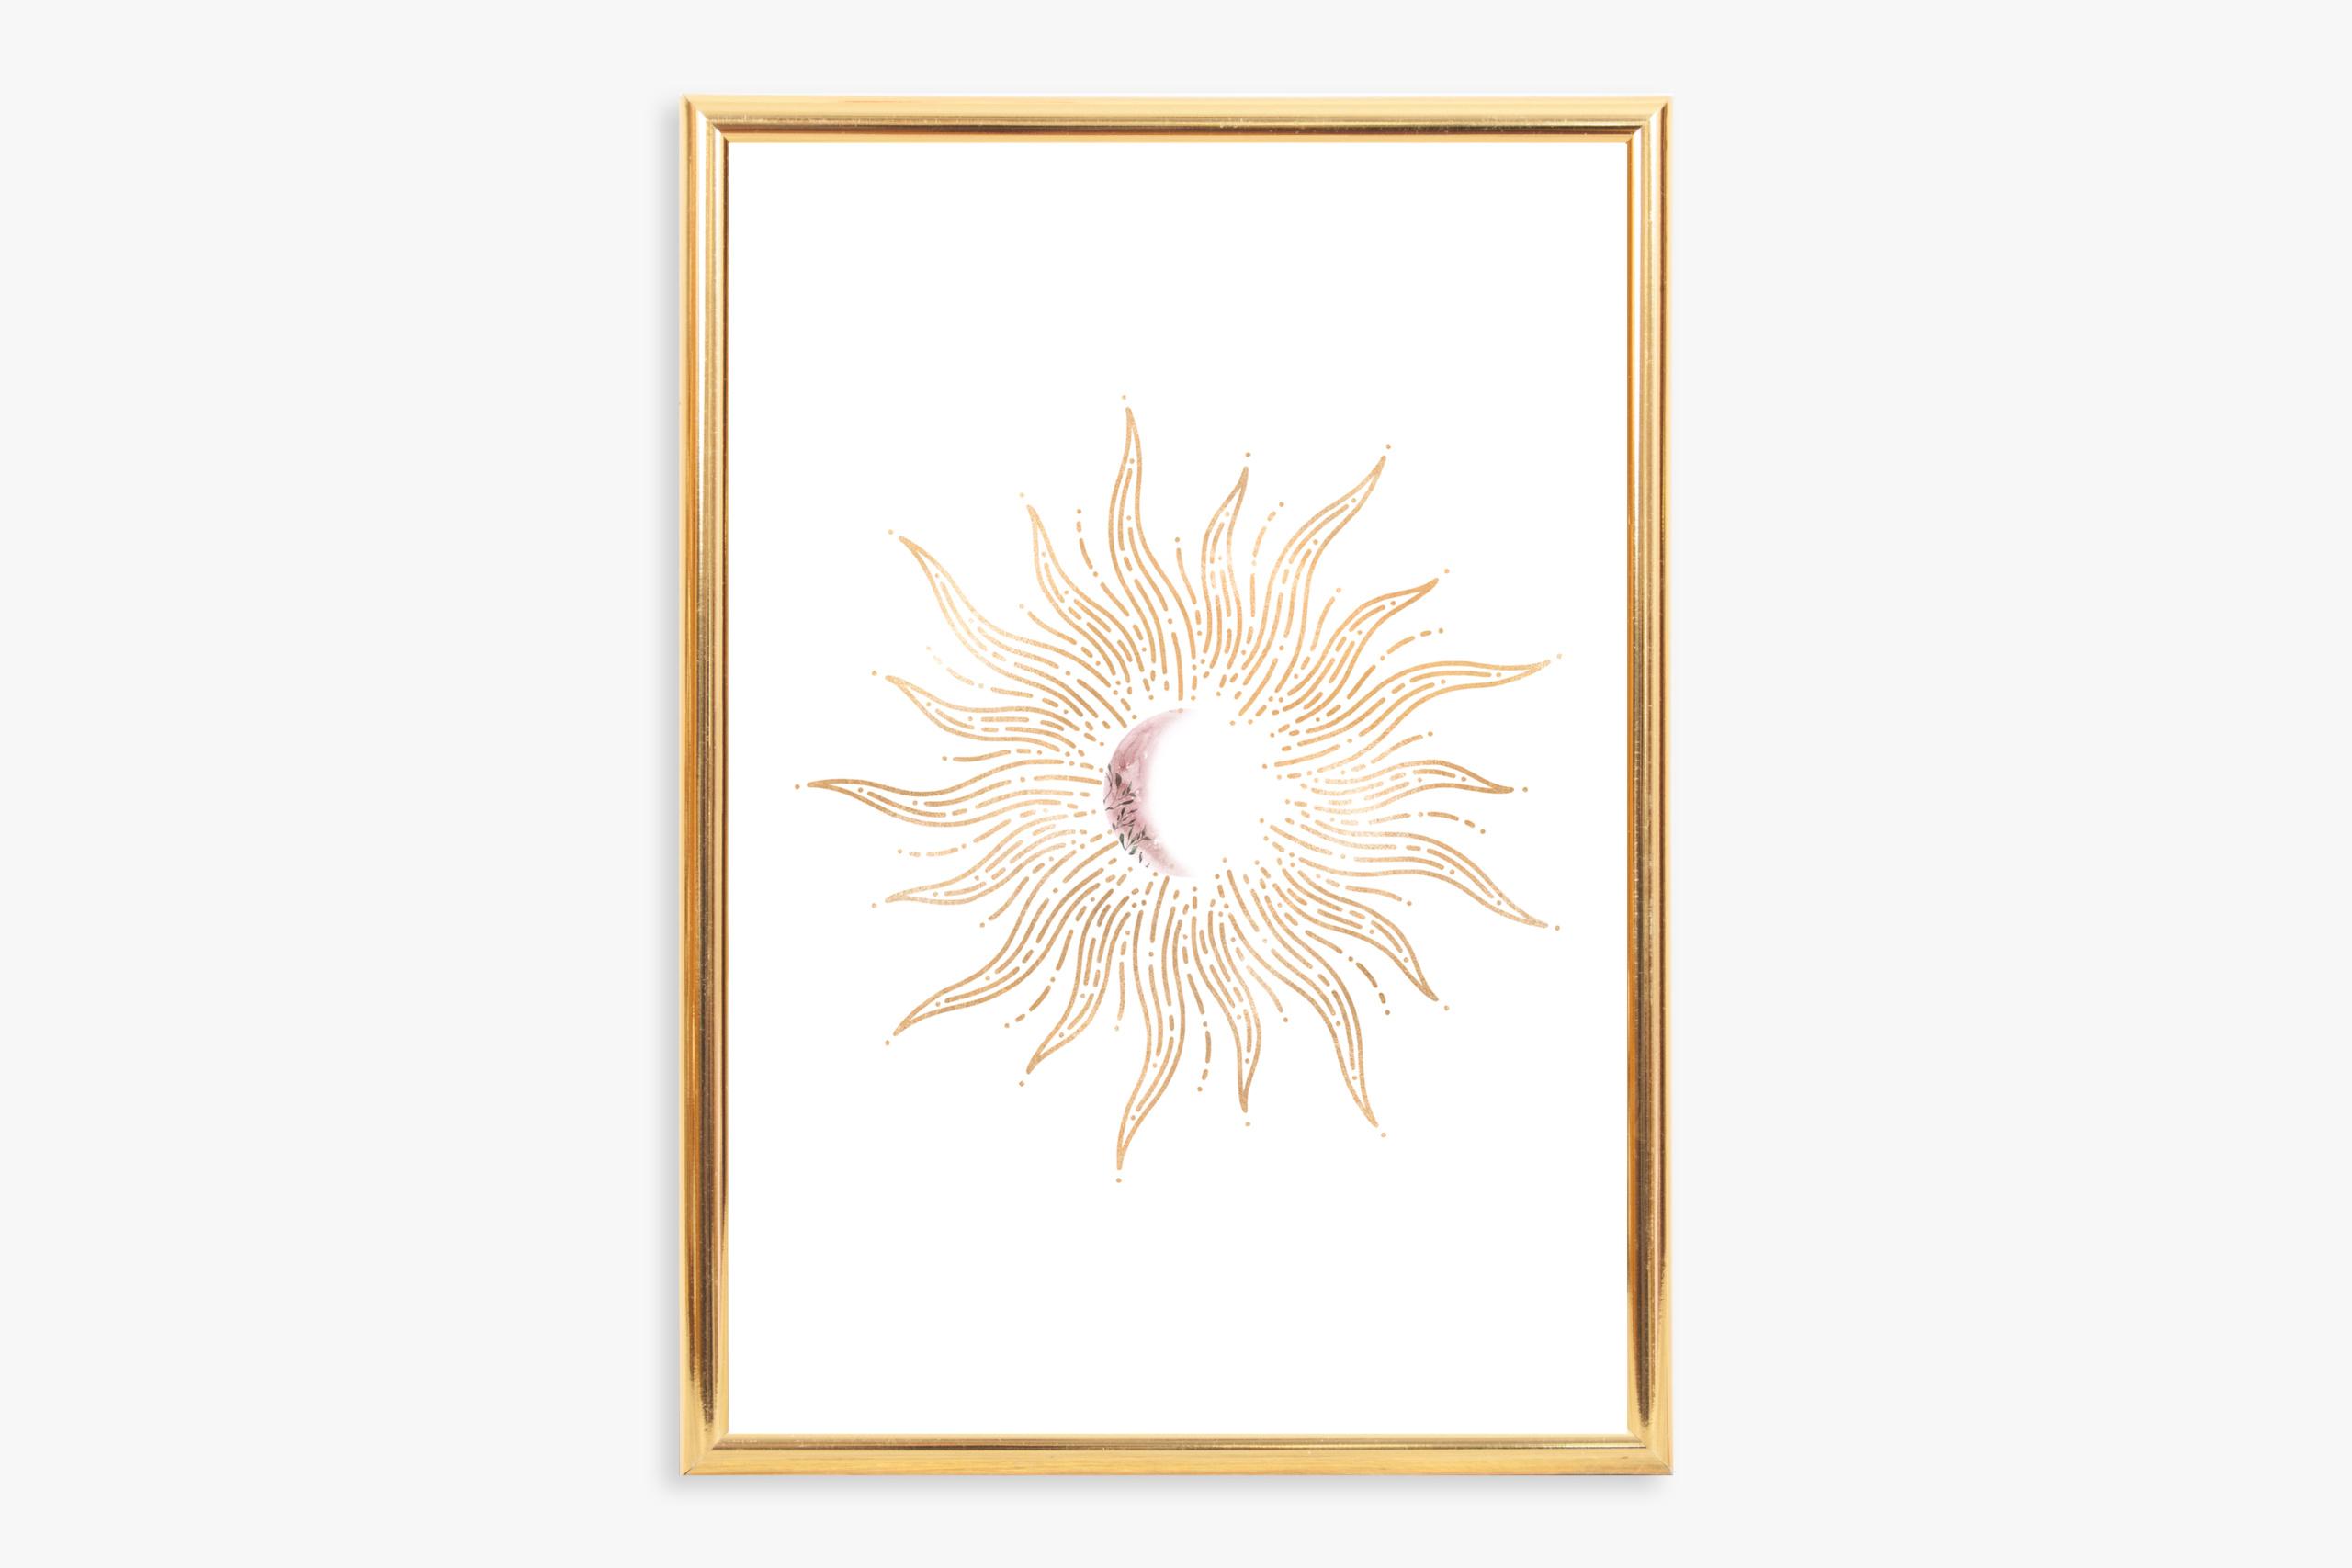 Celestial Wall Art: Sun And Moon